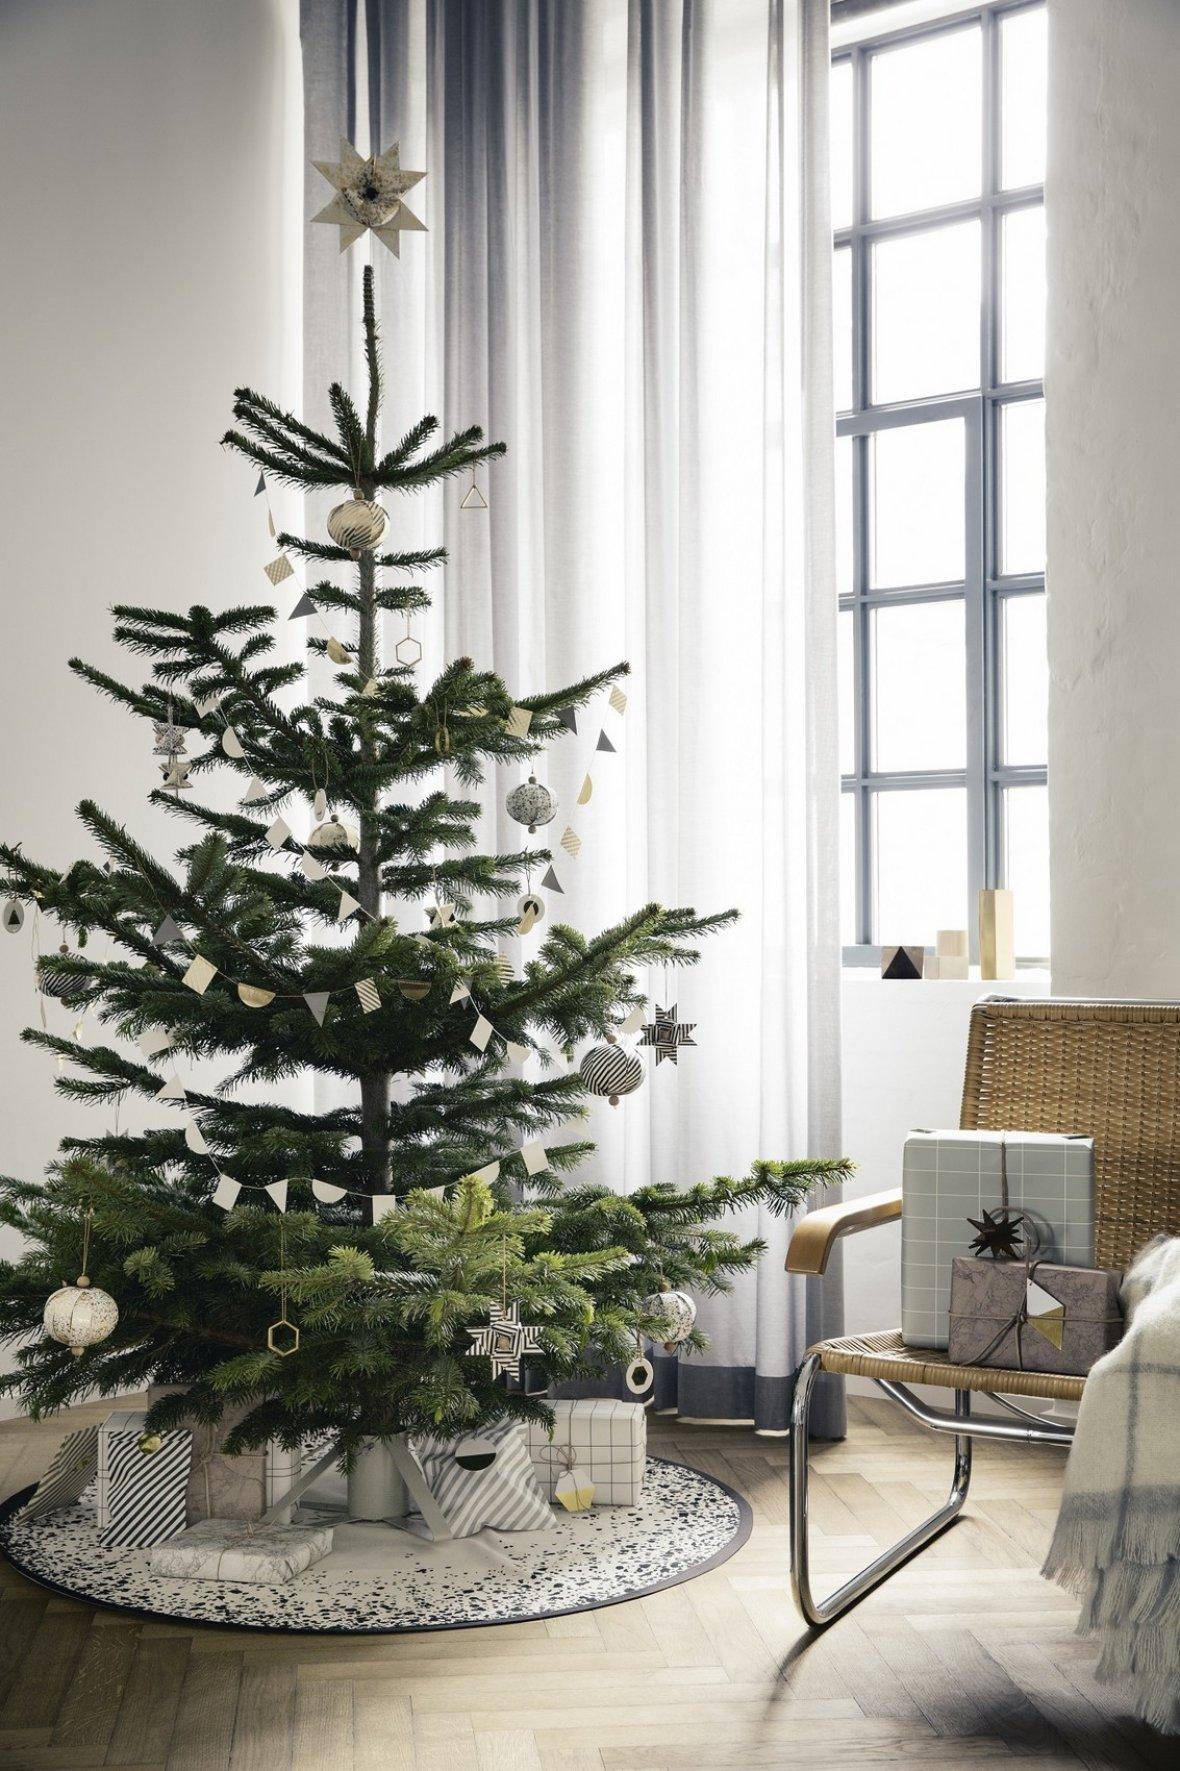 Оформление новогодней елки в стиле ретро